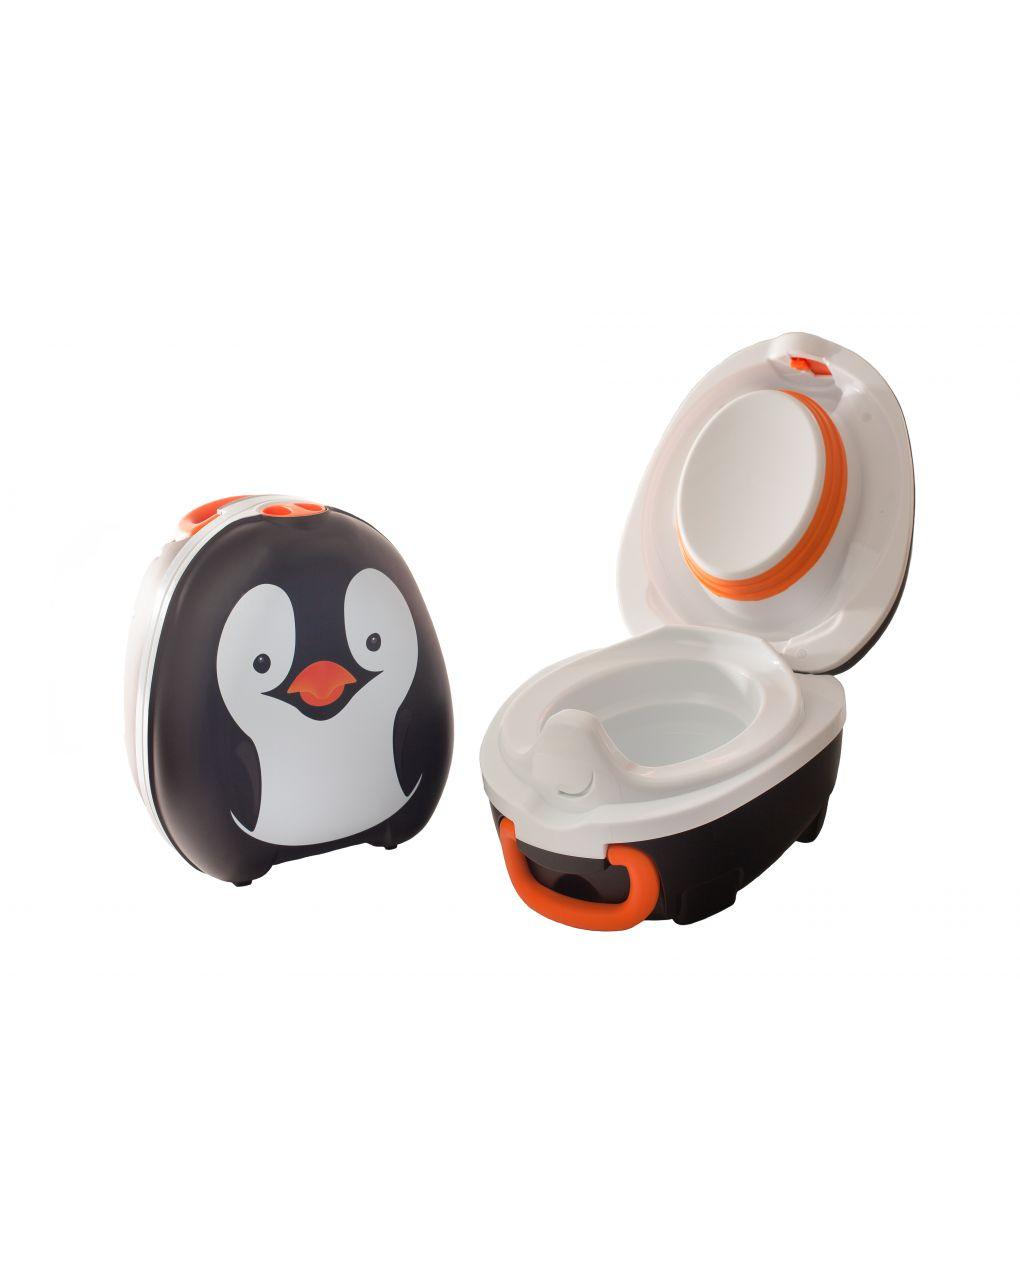 Mcp vasino pinguino - Giordani